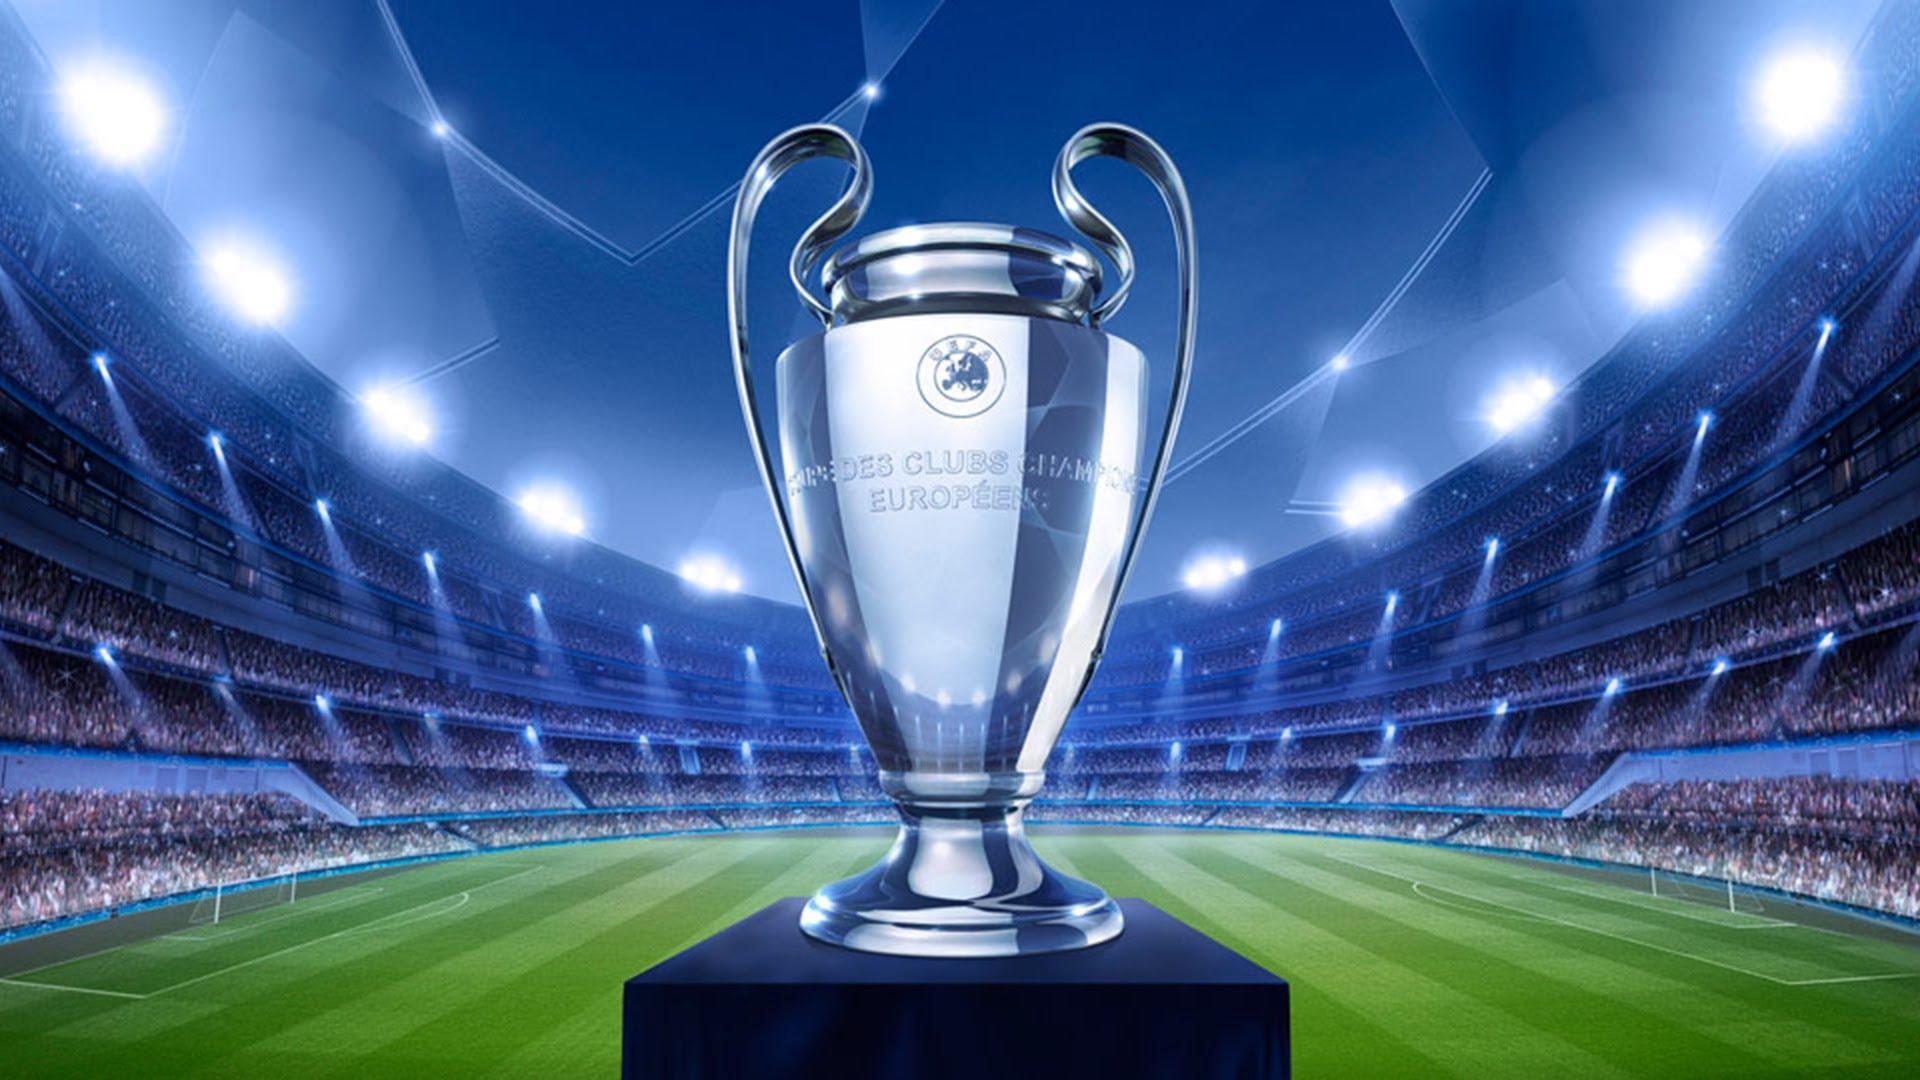 coppa dei campioni la nascita il football come lo abbiamo amato e sognato coppa dei campioni la nascita il